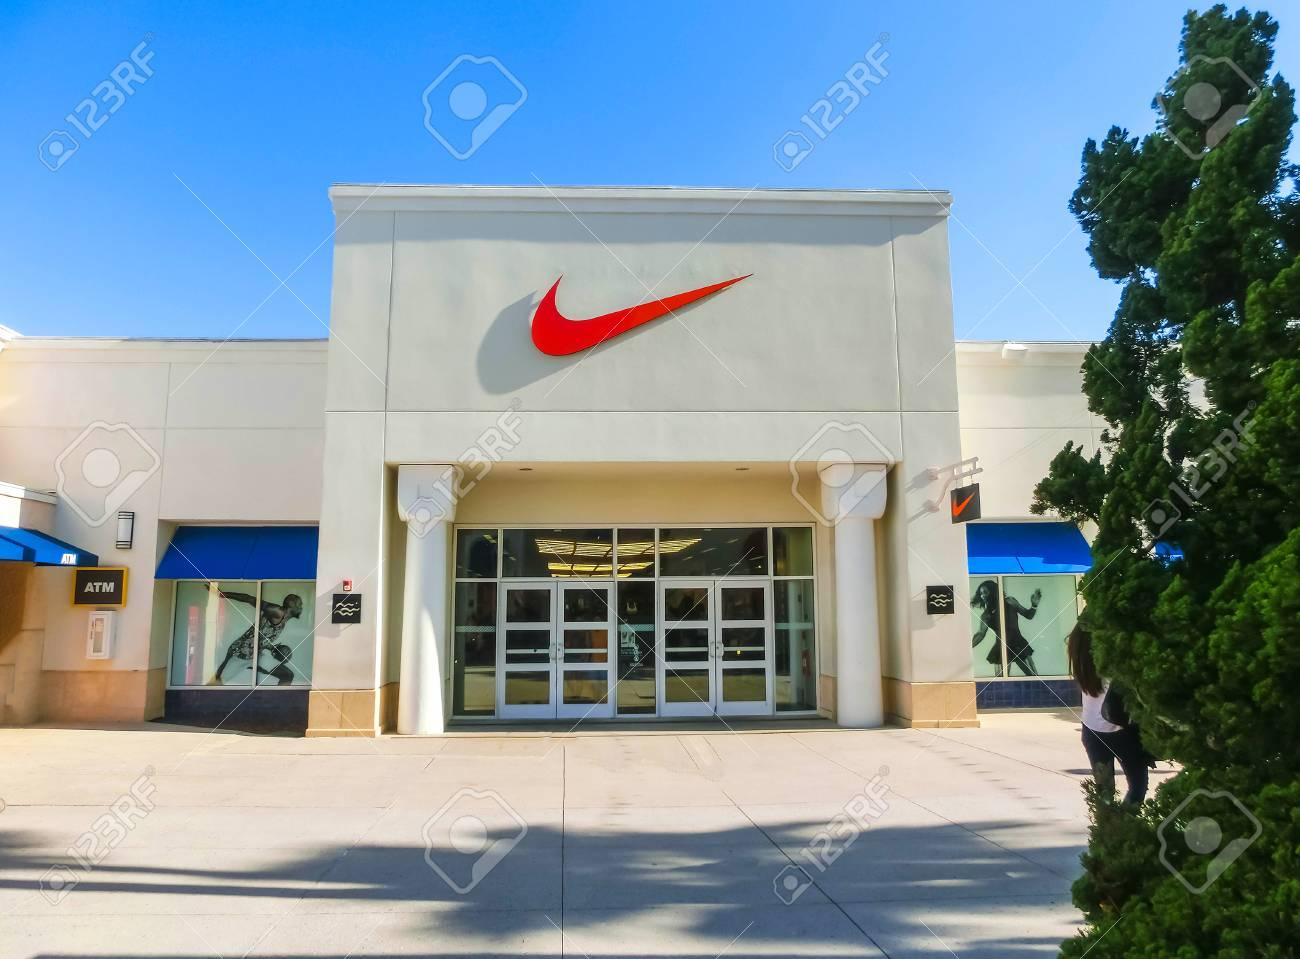 481ff4ed7c Stock Photo - Tampa, USA - May 10, 2018: NIKE shop at shopping mall Tampa  premium outlet at Tampa, USA on May 10, 2018